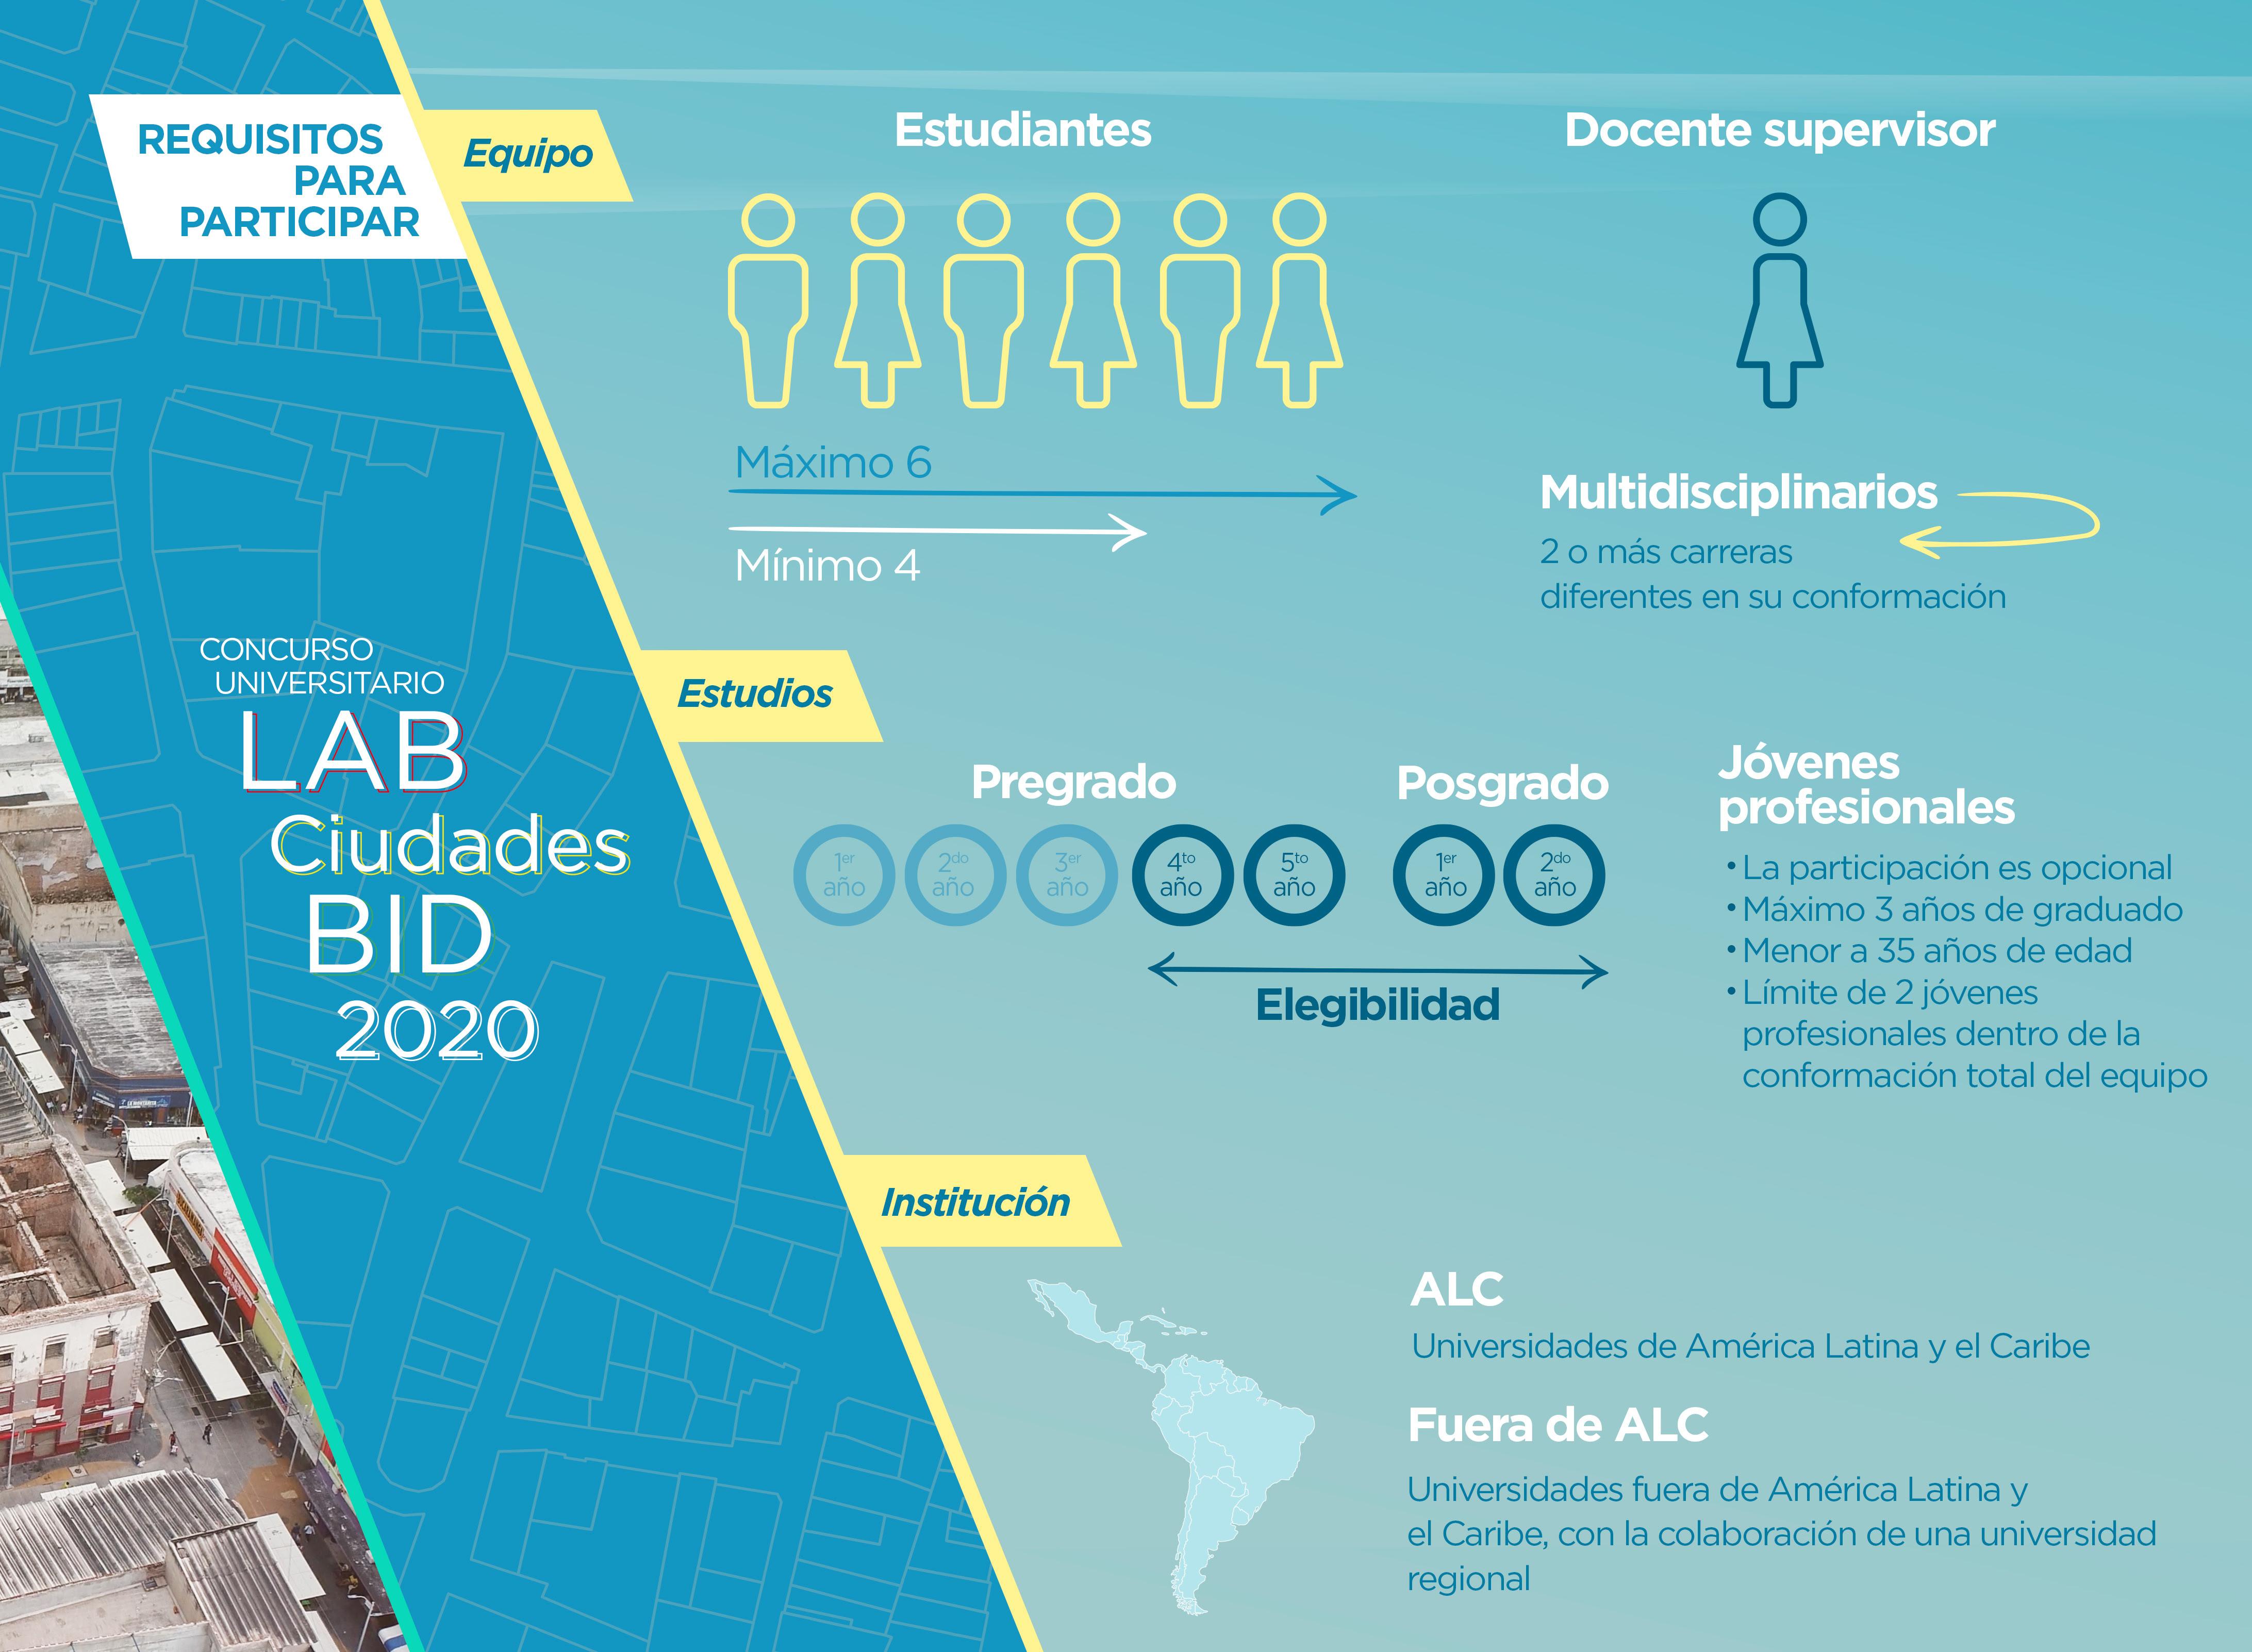 Concurso universitario LAB Ciudades BID 2020 Barranquilla